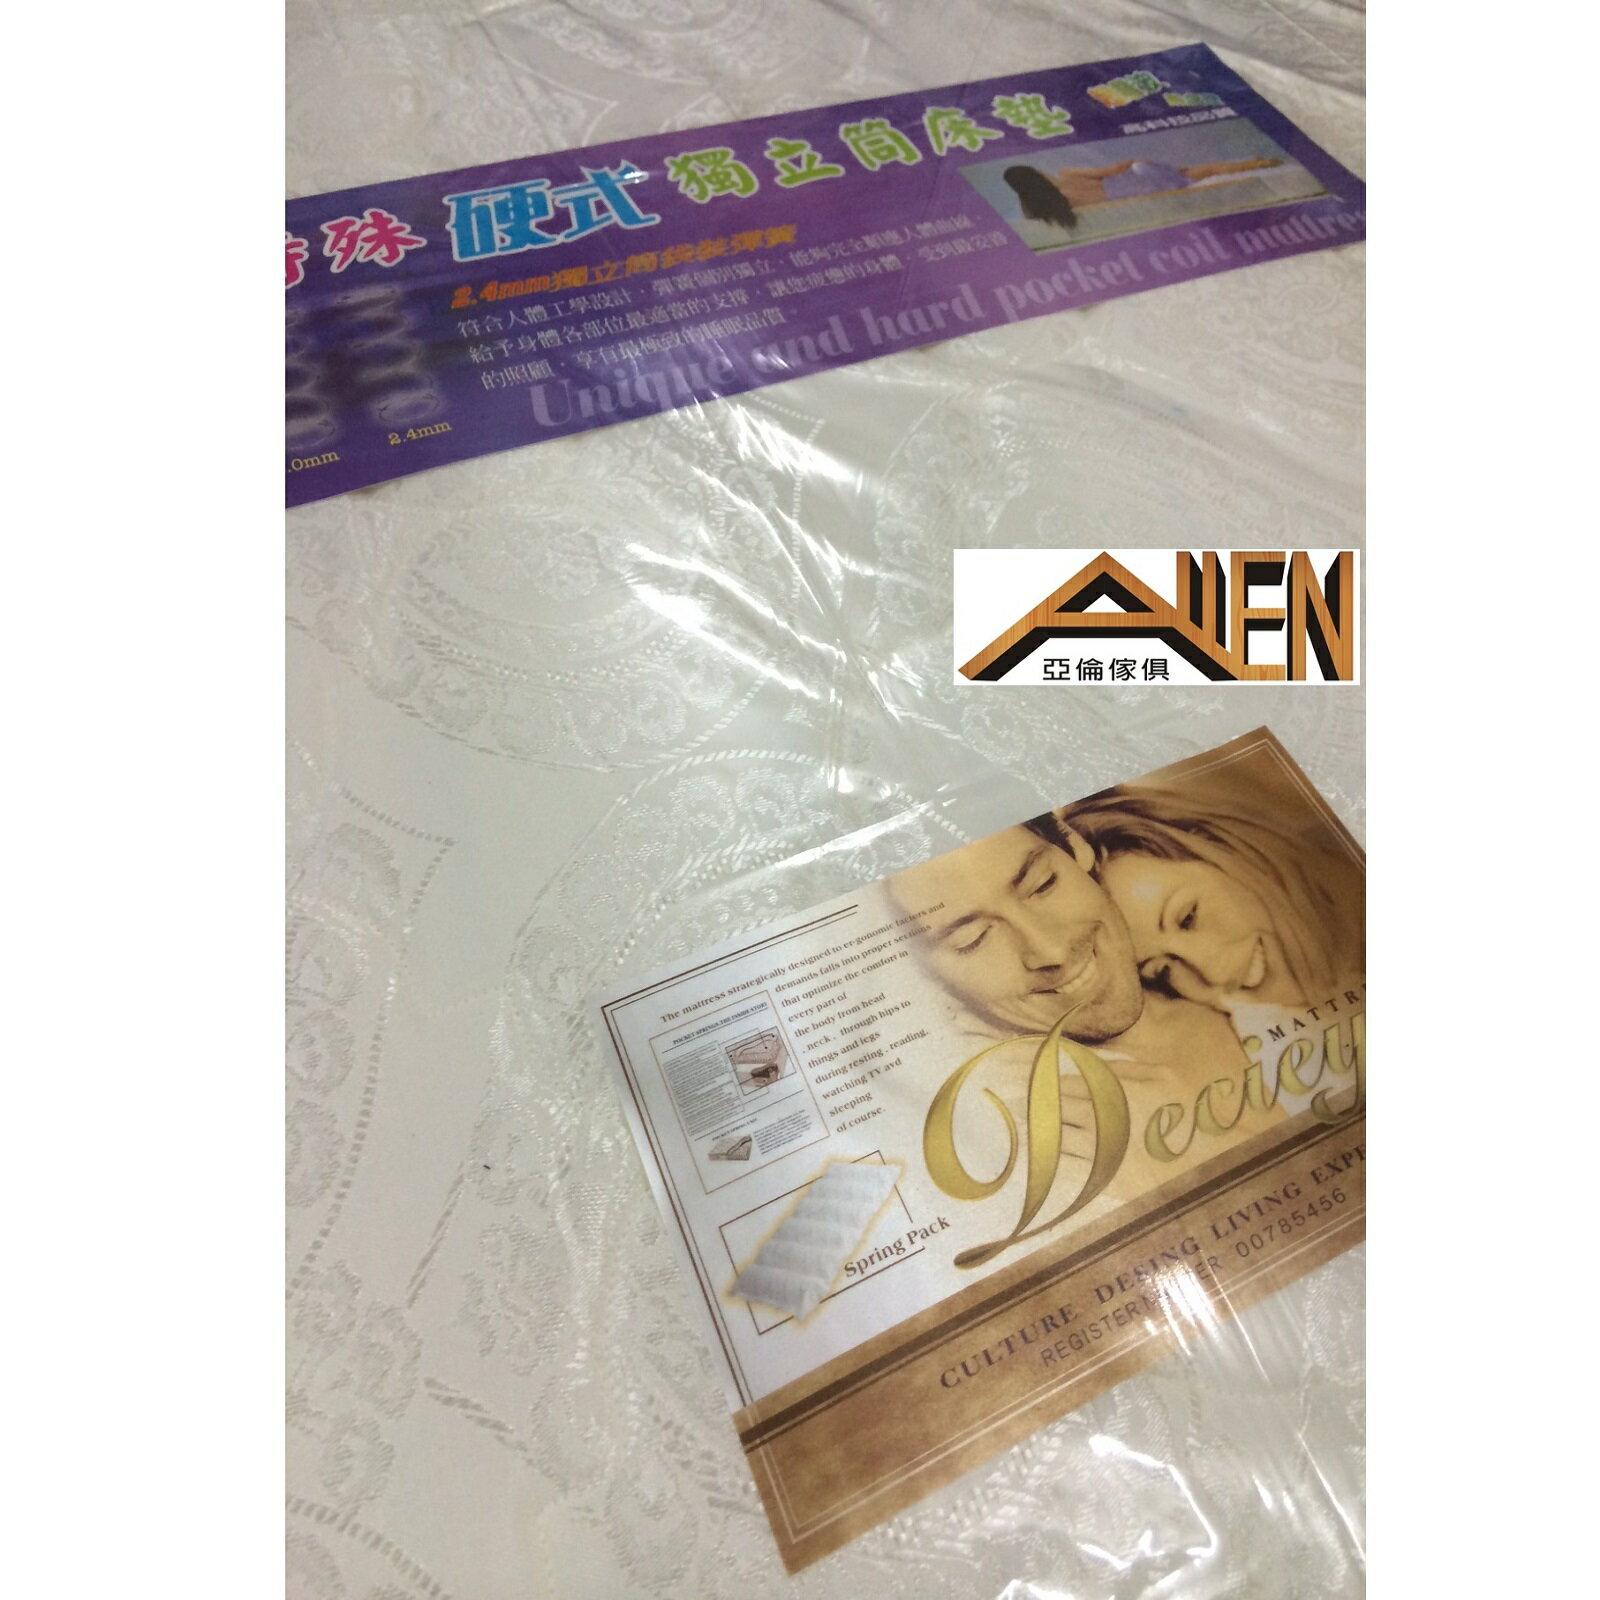 亞倫傢俱*硬式獨立筒標準雙人床墊 台灣製造